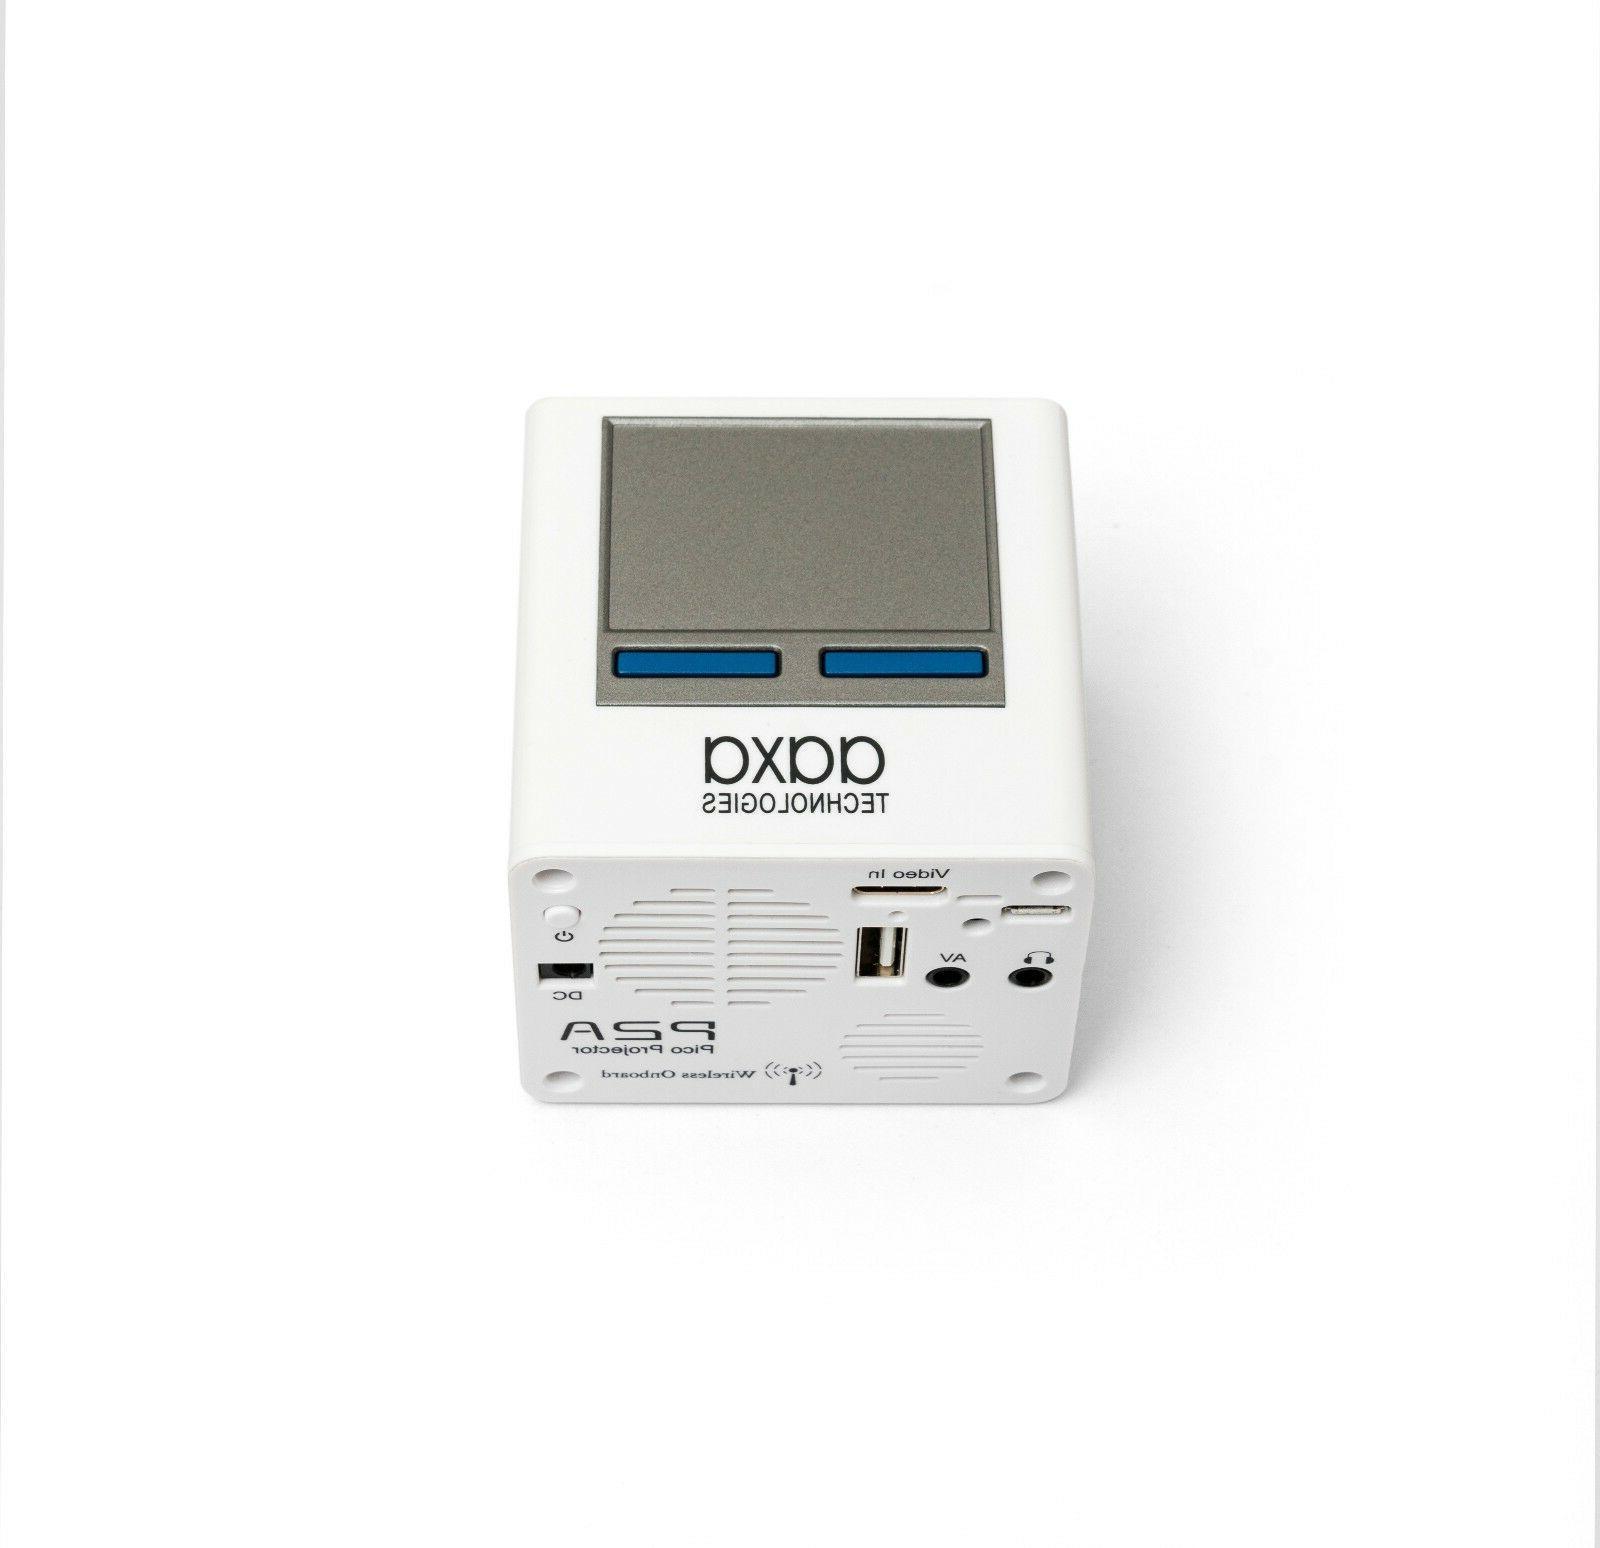 AAXA Technologies P2-A Pico LEDs Wi-Fi Portable Mini